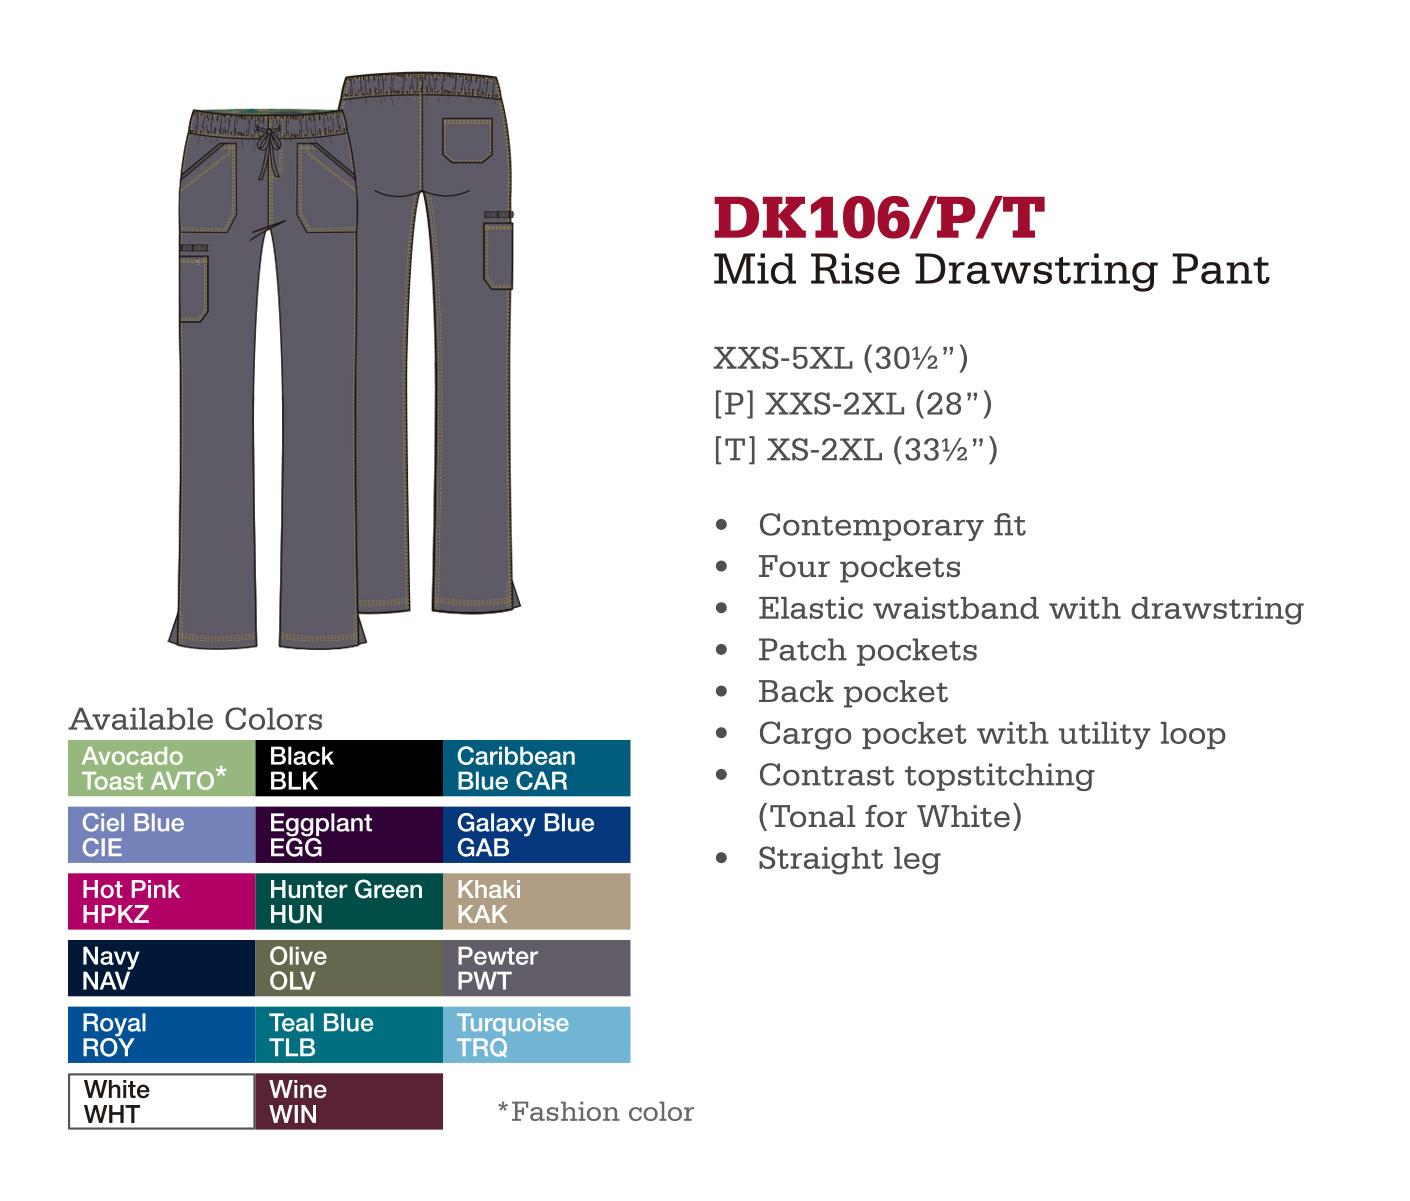 Pantalón de Cordones a Medio Levantar. DK106/P/T.